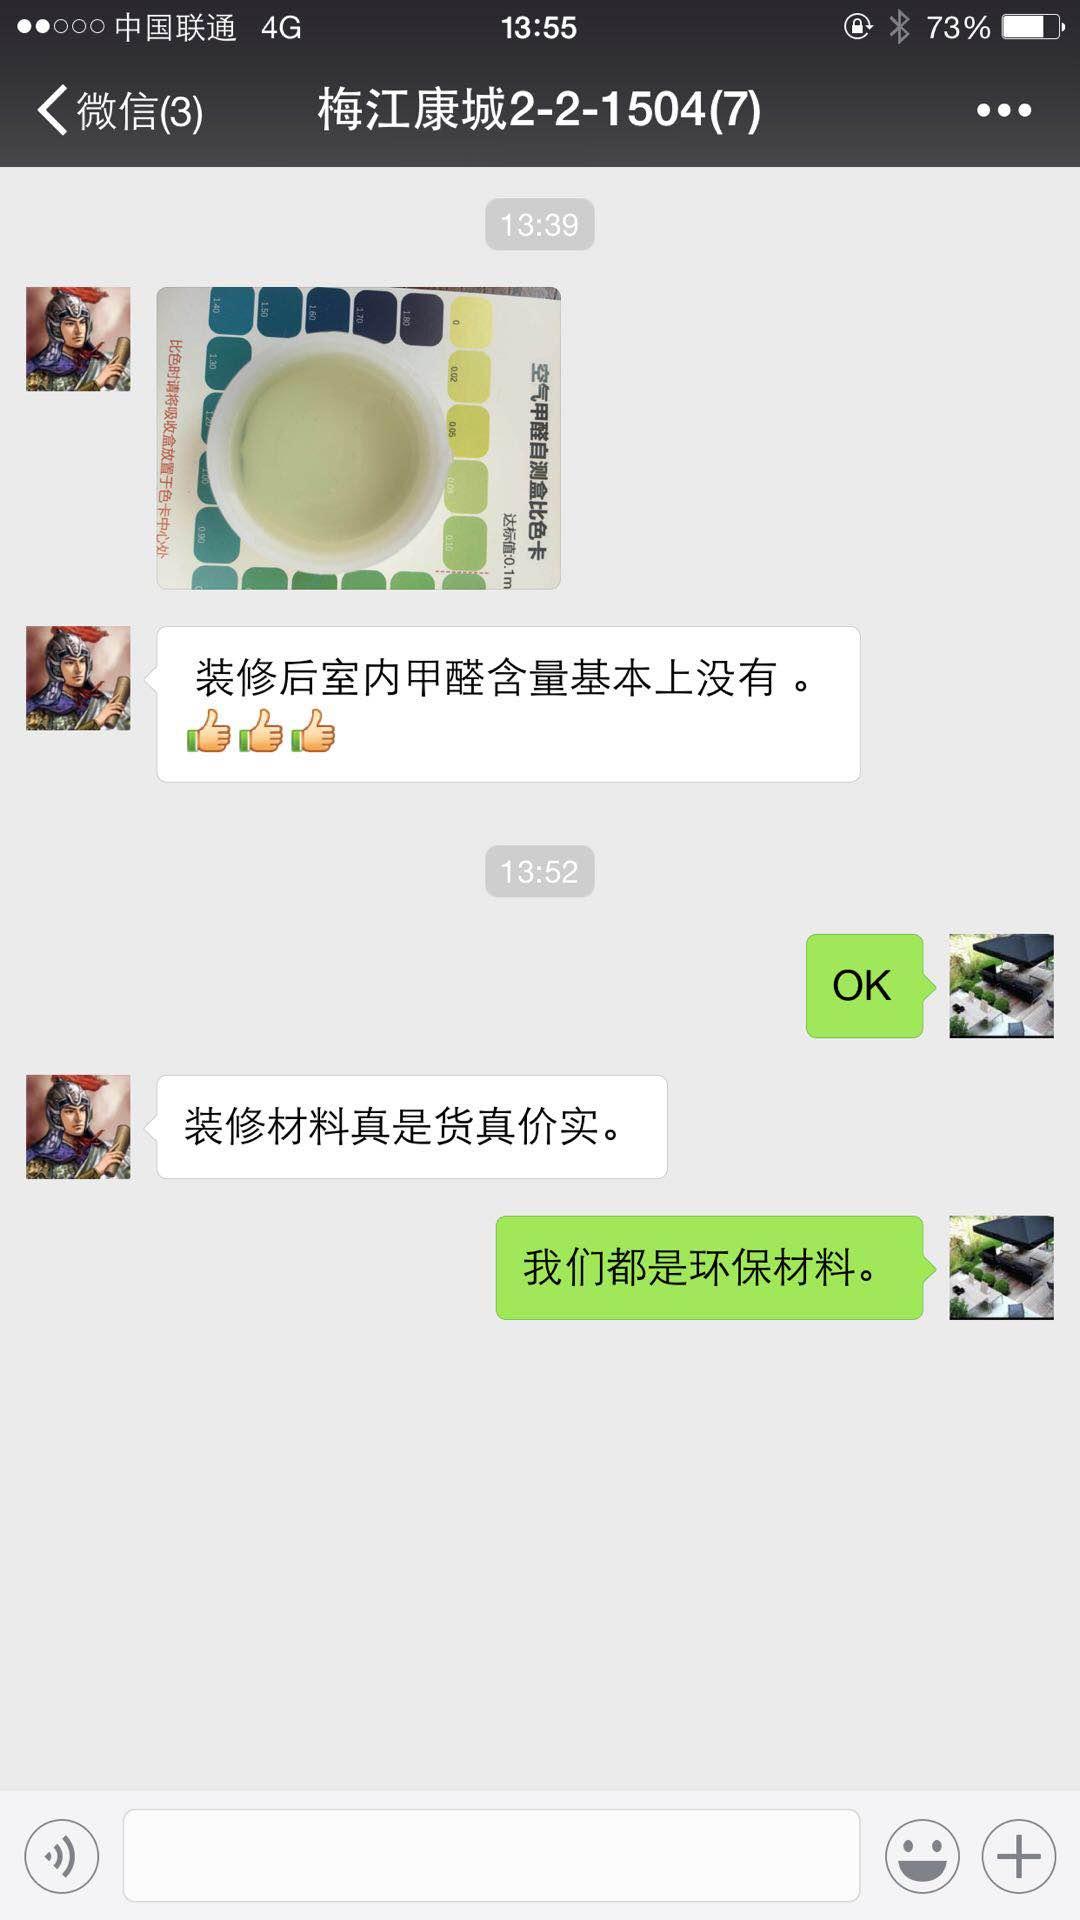 【塞纳春天装饰客户反馈】滨河新苑 业主晒评